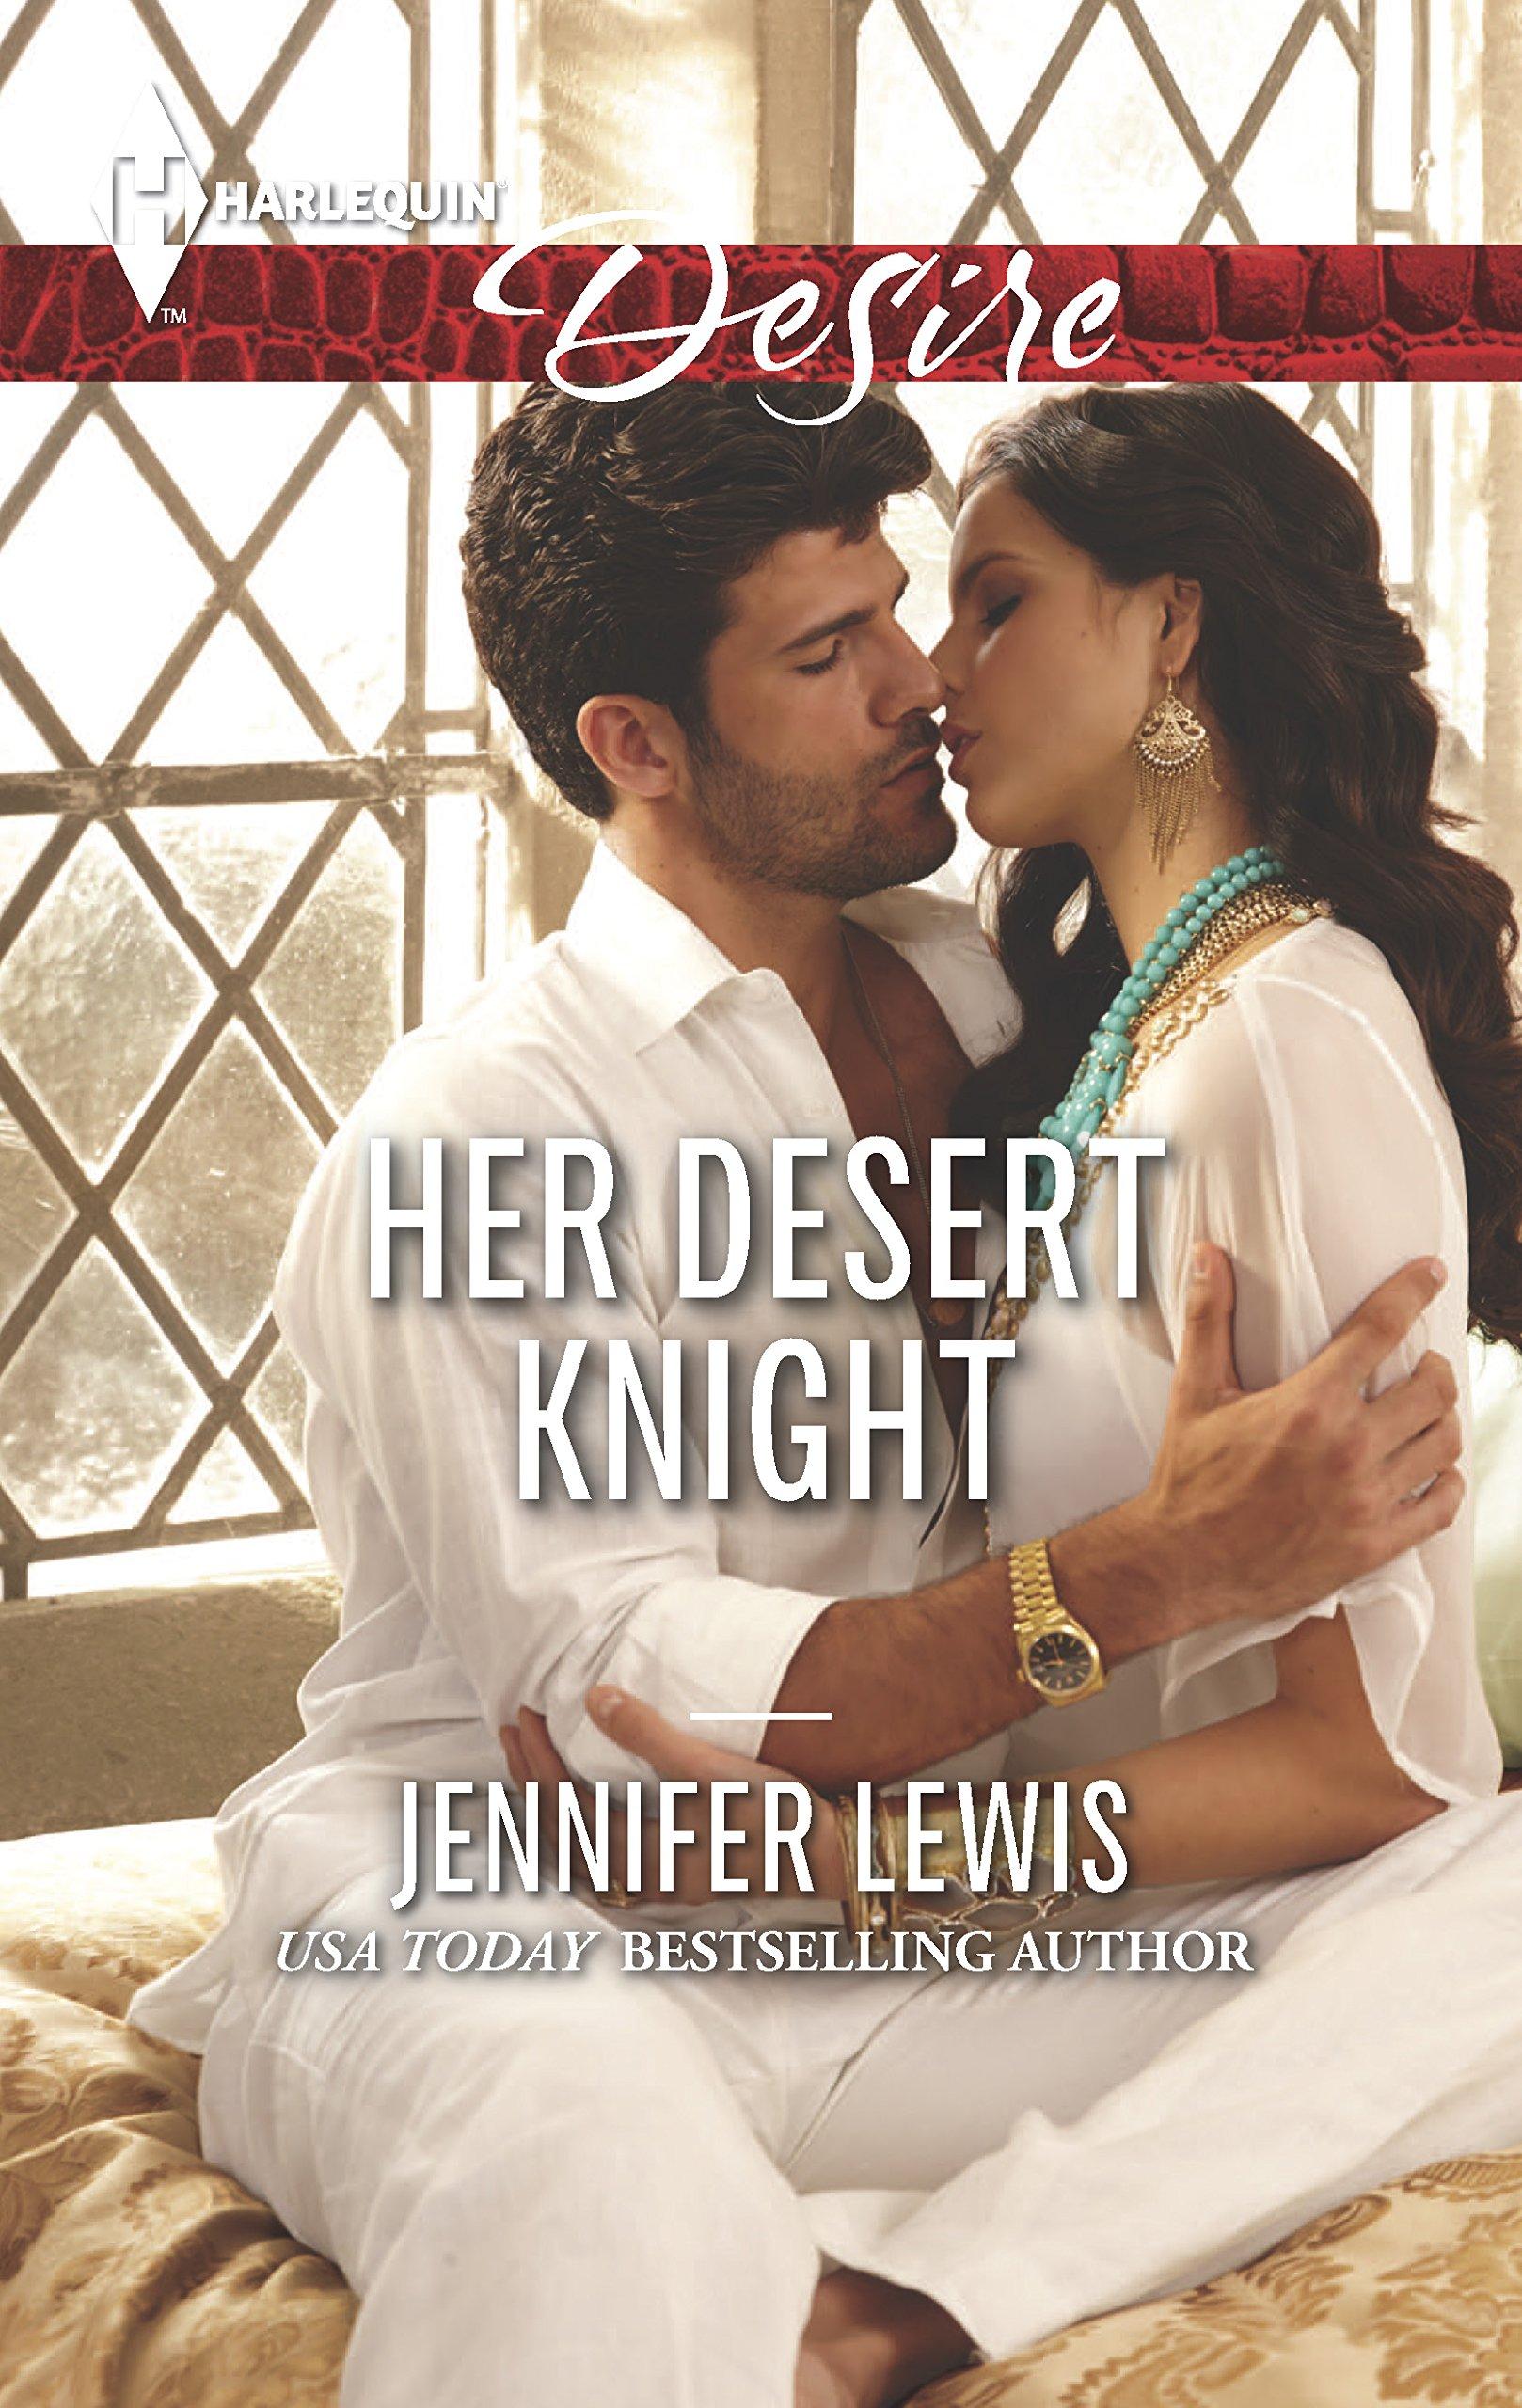 Her Desert Knight (Harlequin Desire)